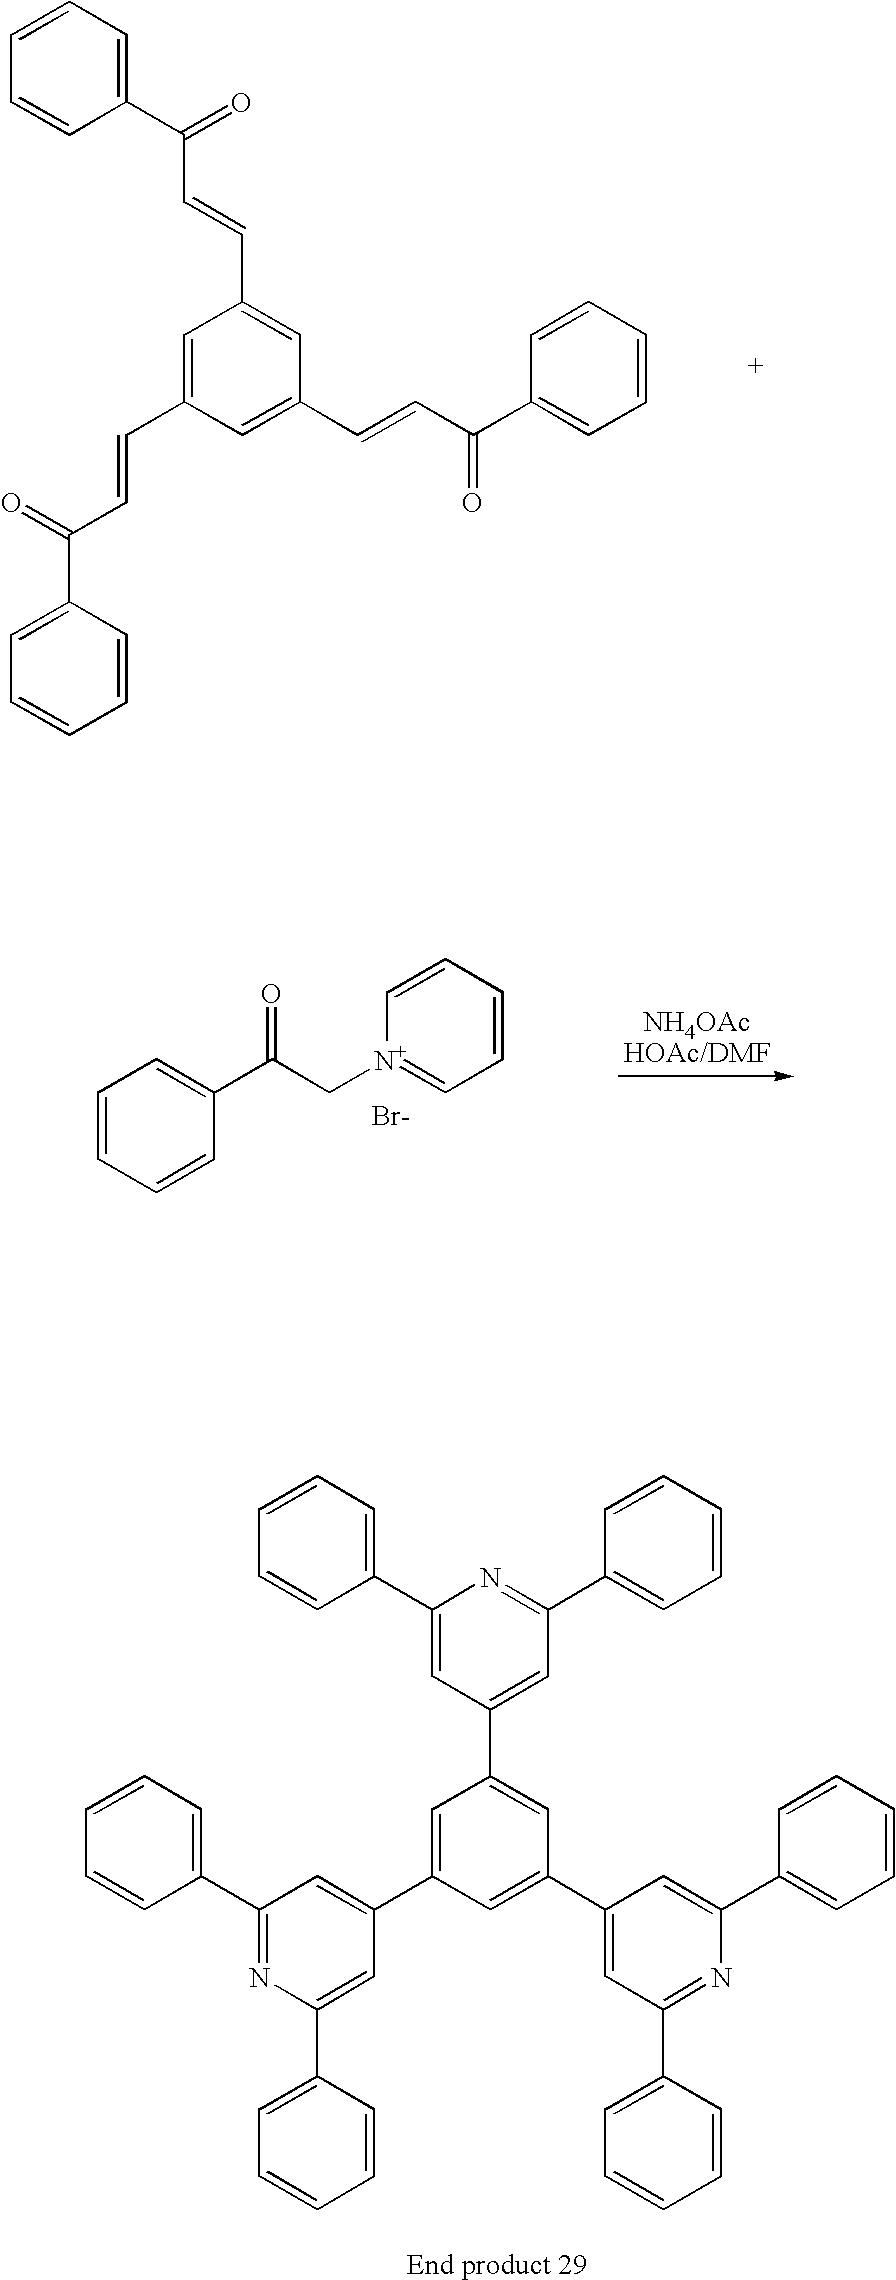 Figure US20060186796A1-20060824-C00148